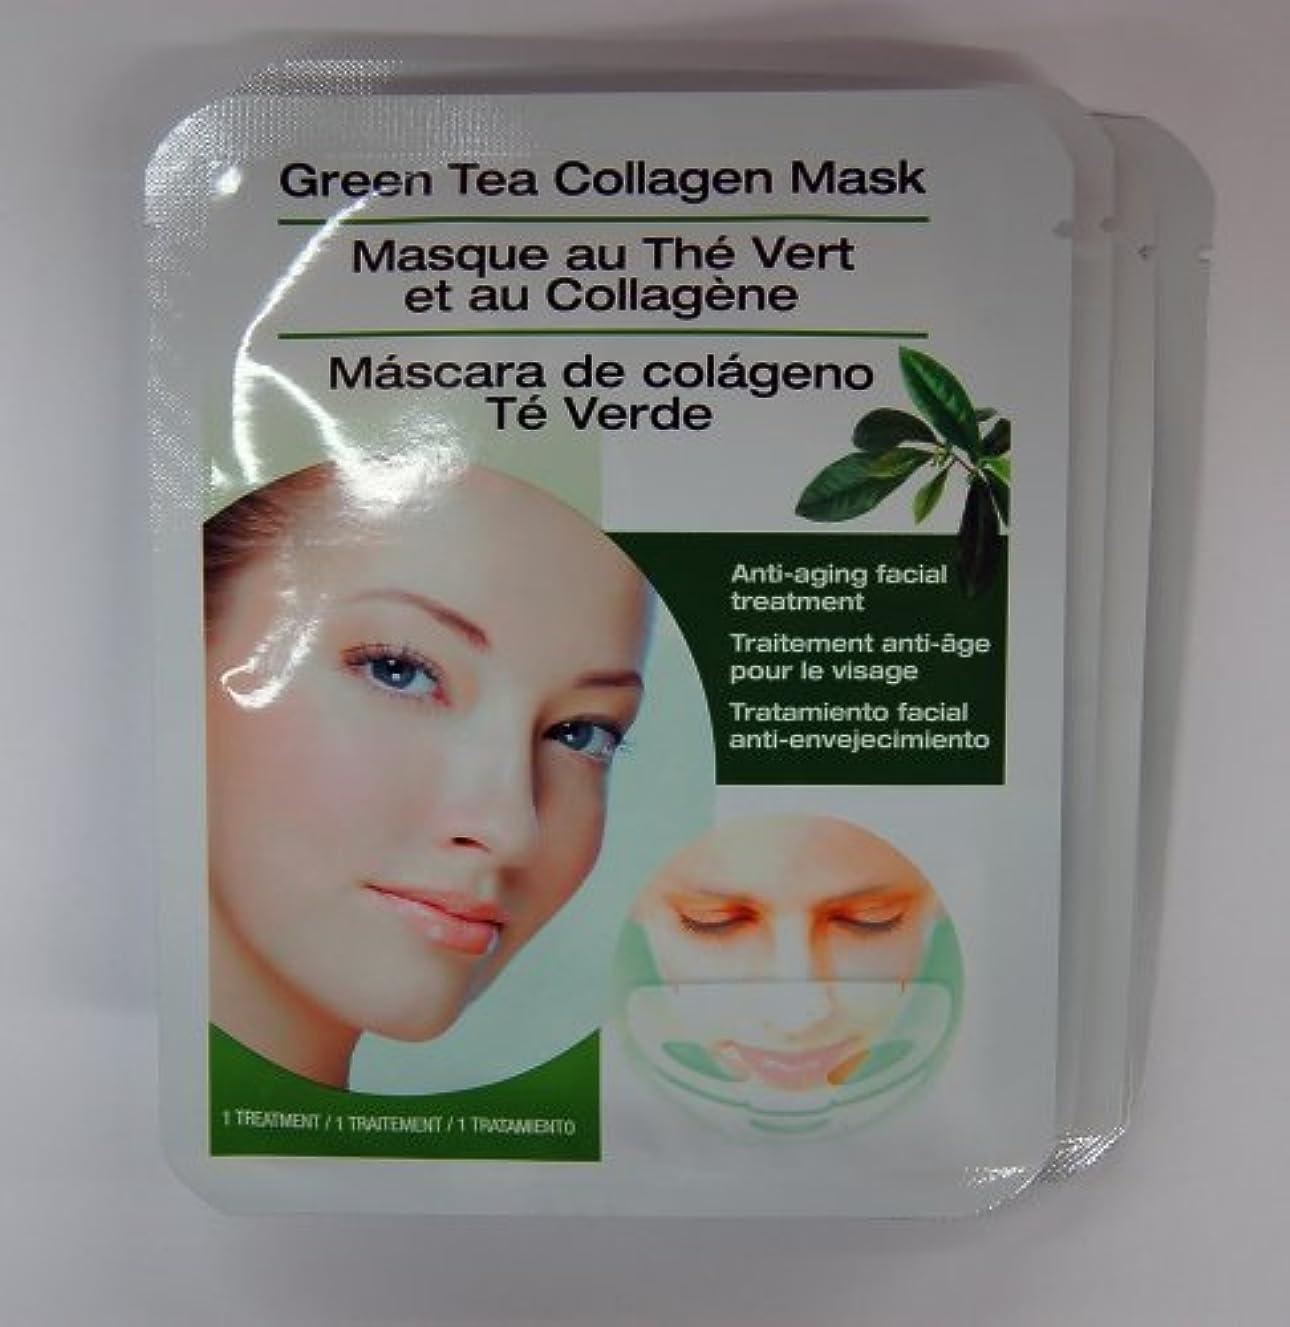 先住民サイトライン贅沢Dermactin-TS コラーゲンマスク、緑茶 (並行輸入品)